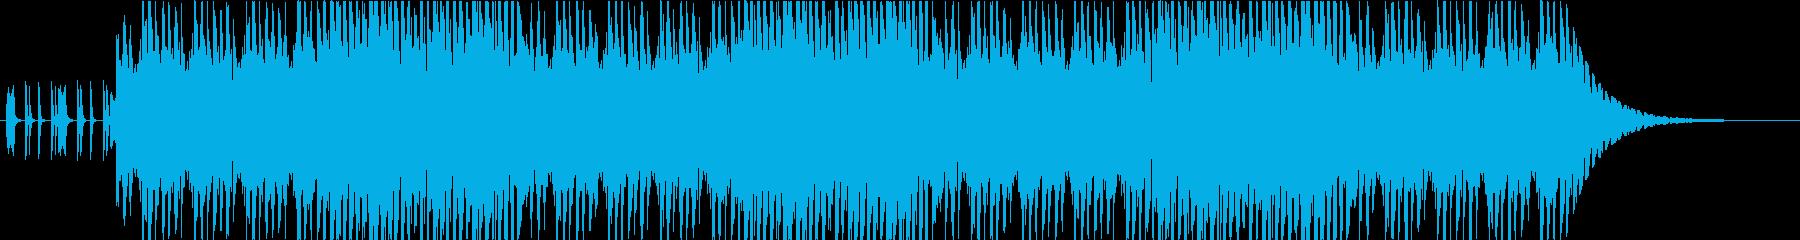 軽快なアコースティックアンサンブルの再生済みの波形